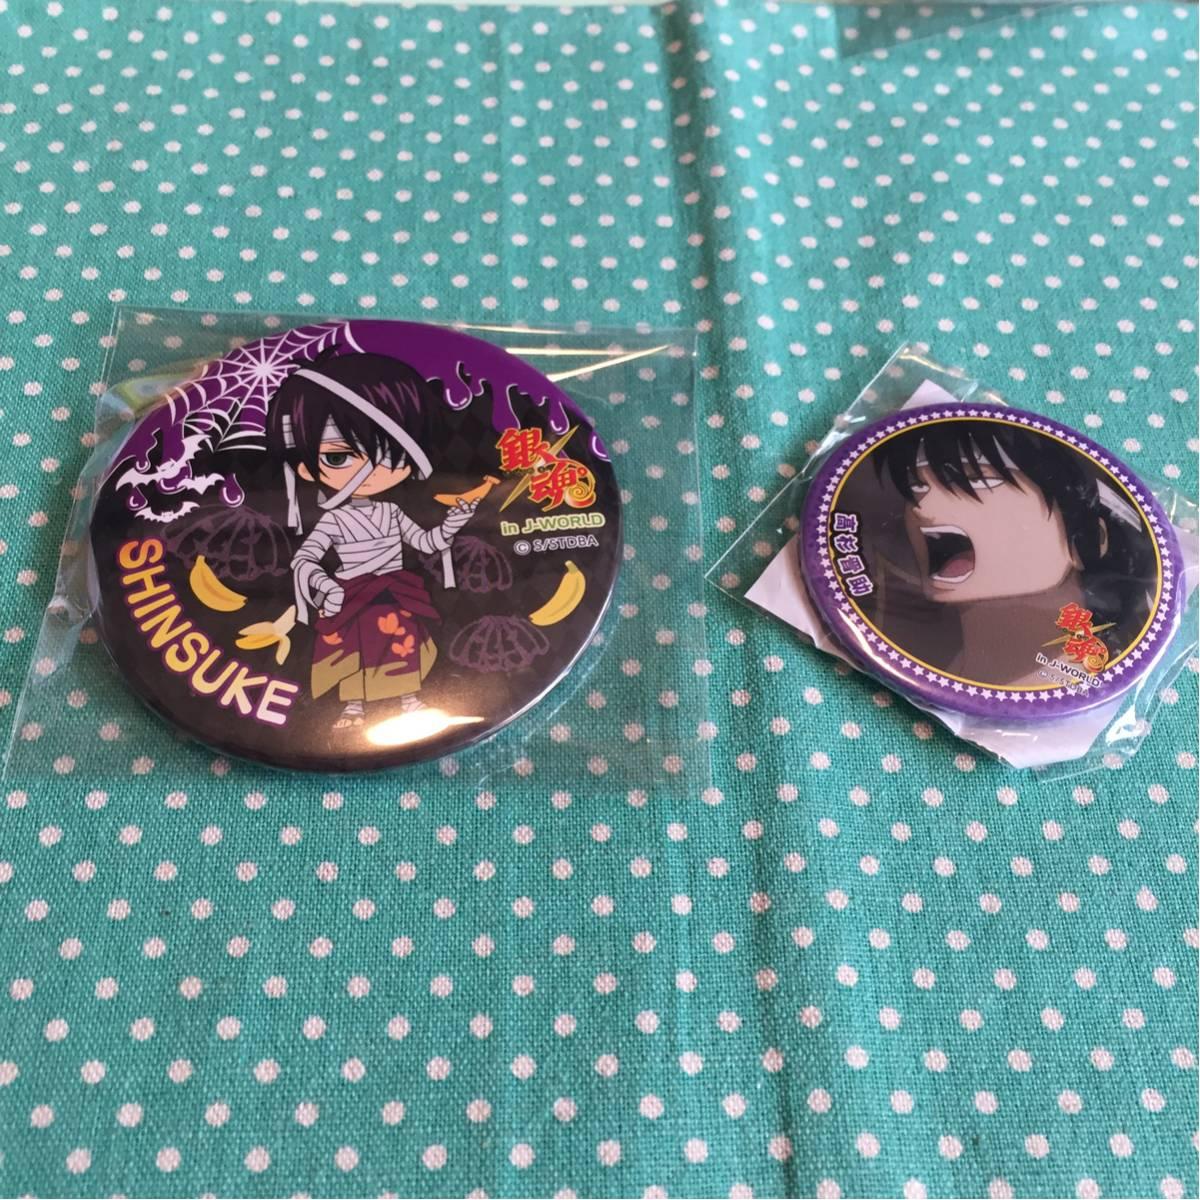 銀魂 J-World 缶バッジ 高杉晋助 高杉 2種セット ハロウィン グッズの画像